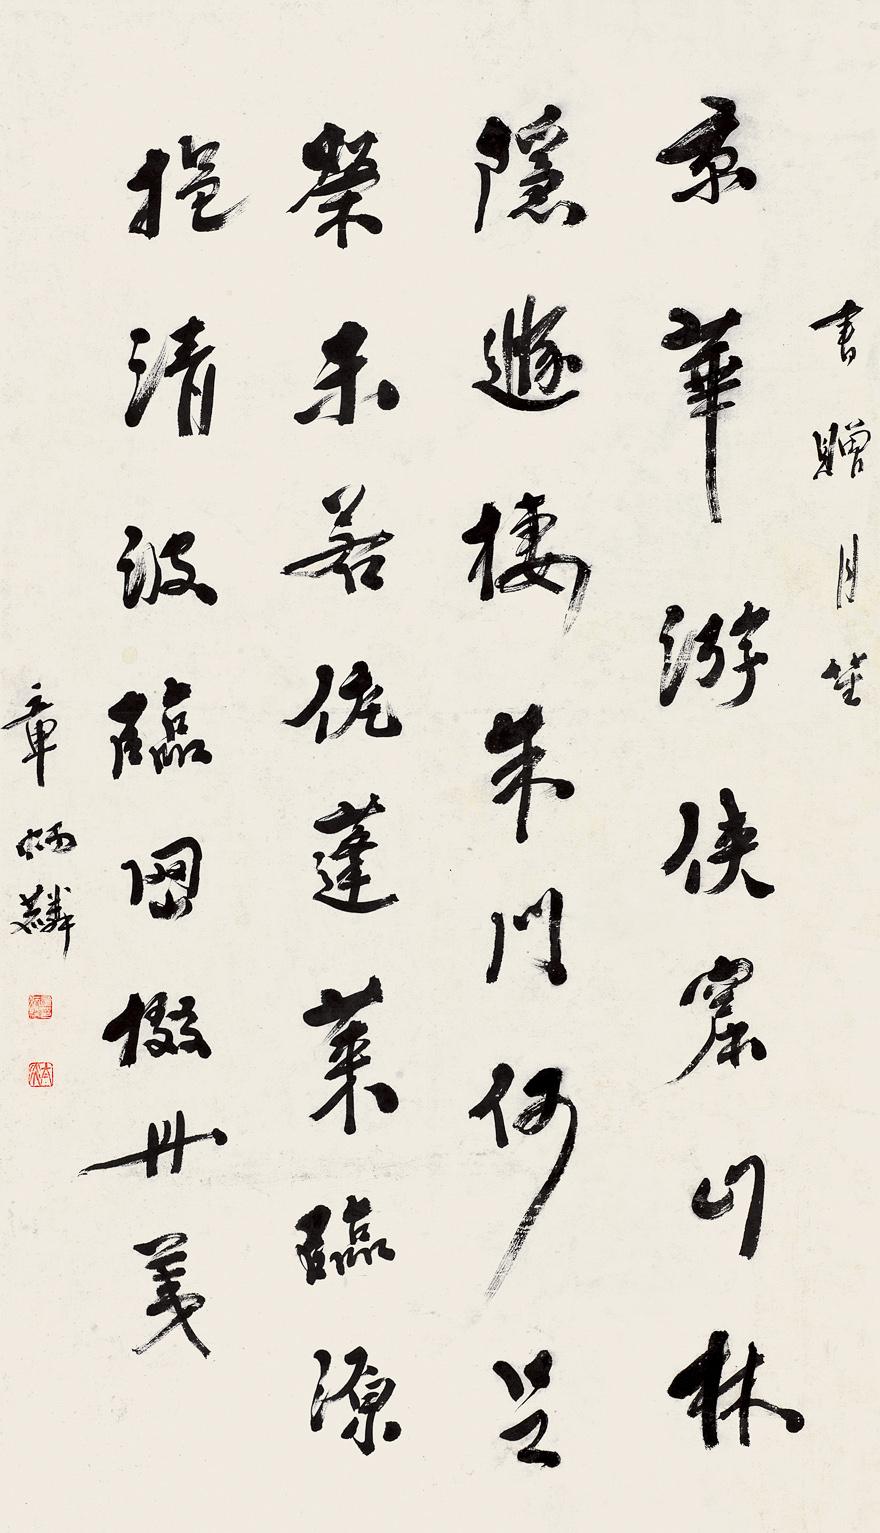 行书《游仙诗·京华游侠窟》句